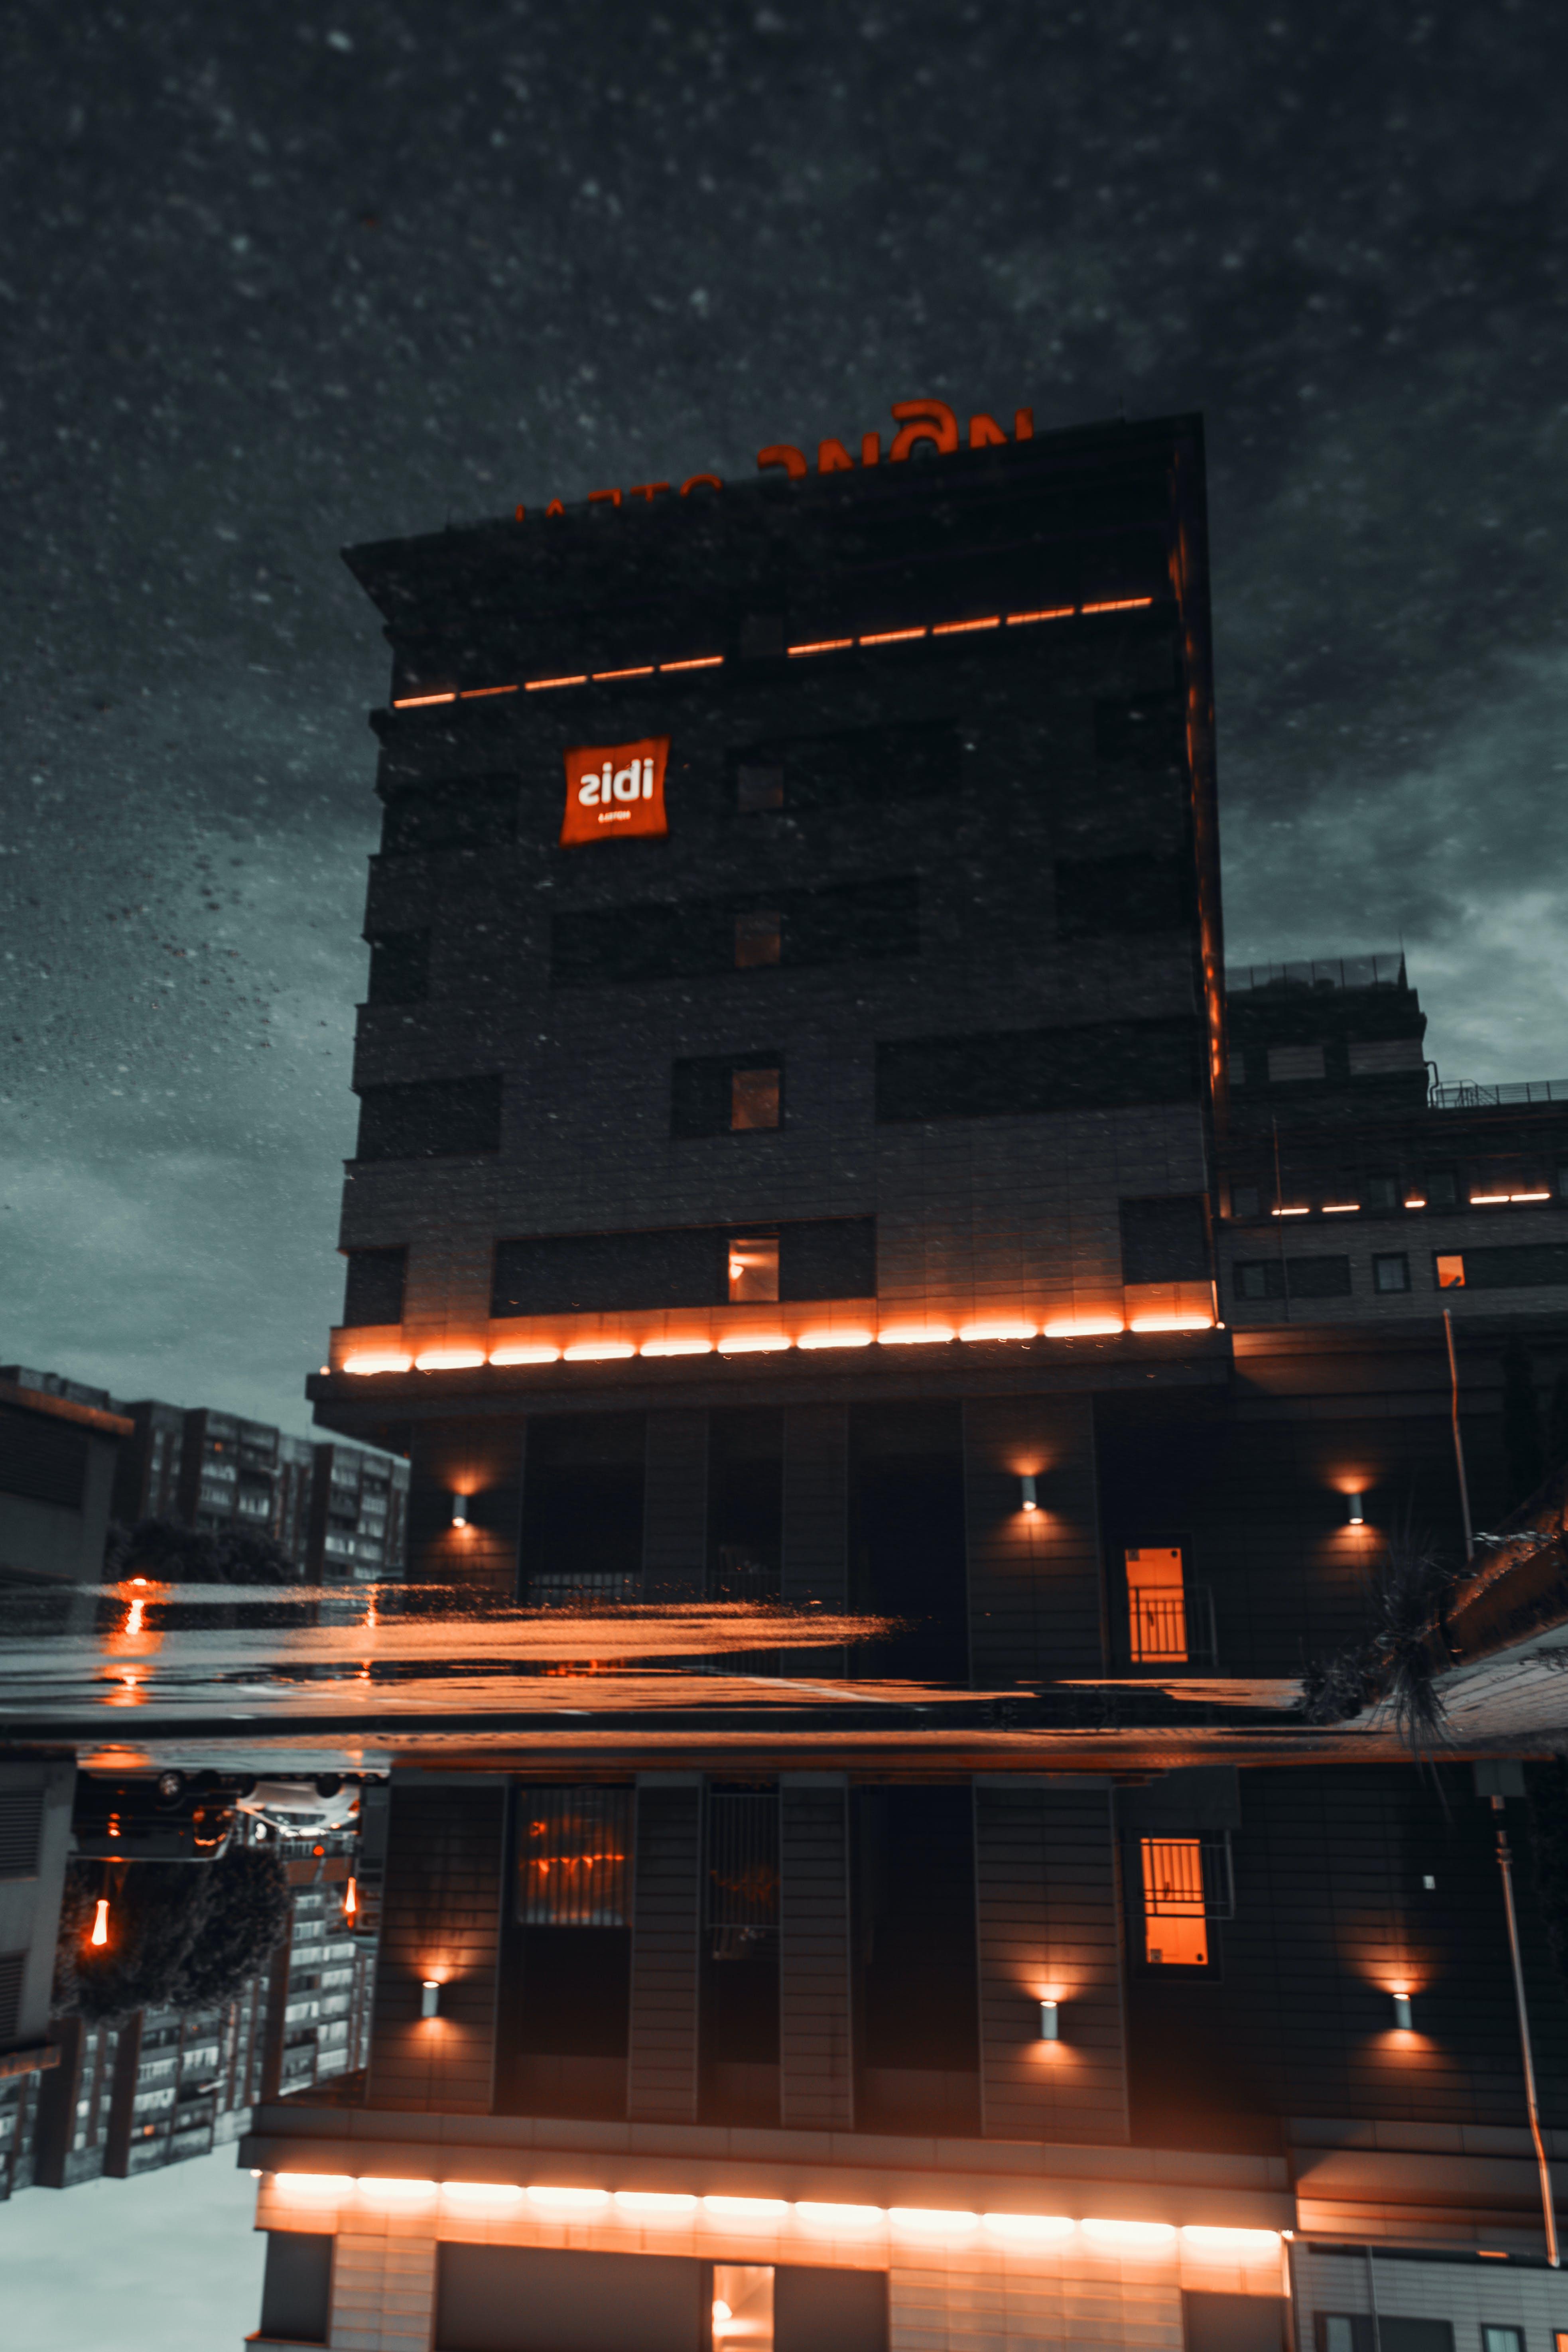 光, 反射, 夜, 建物の無料の写真素材